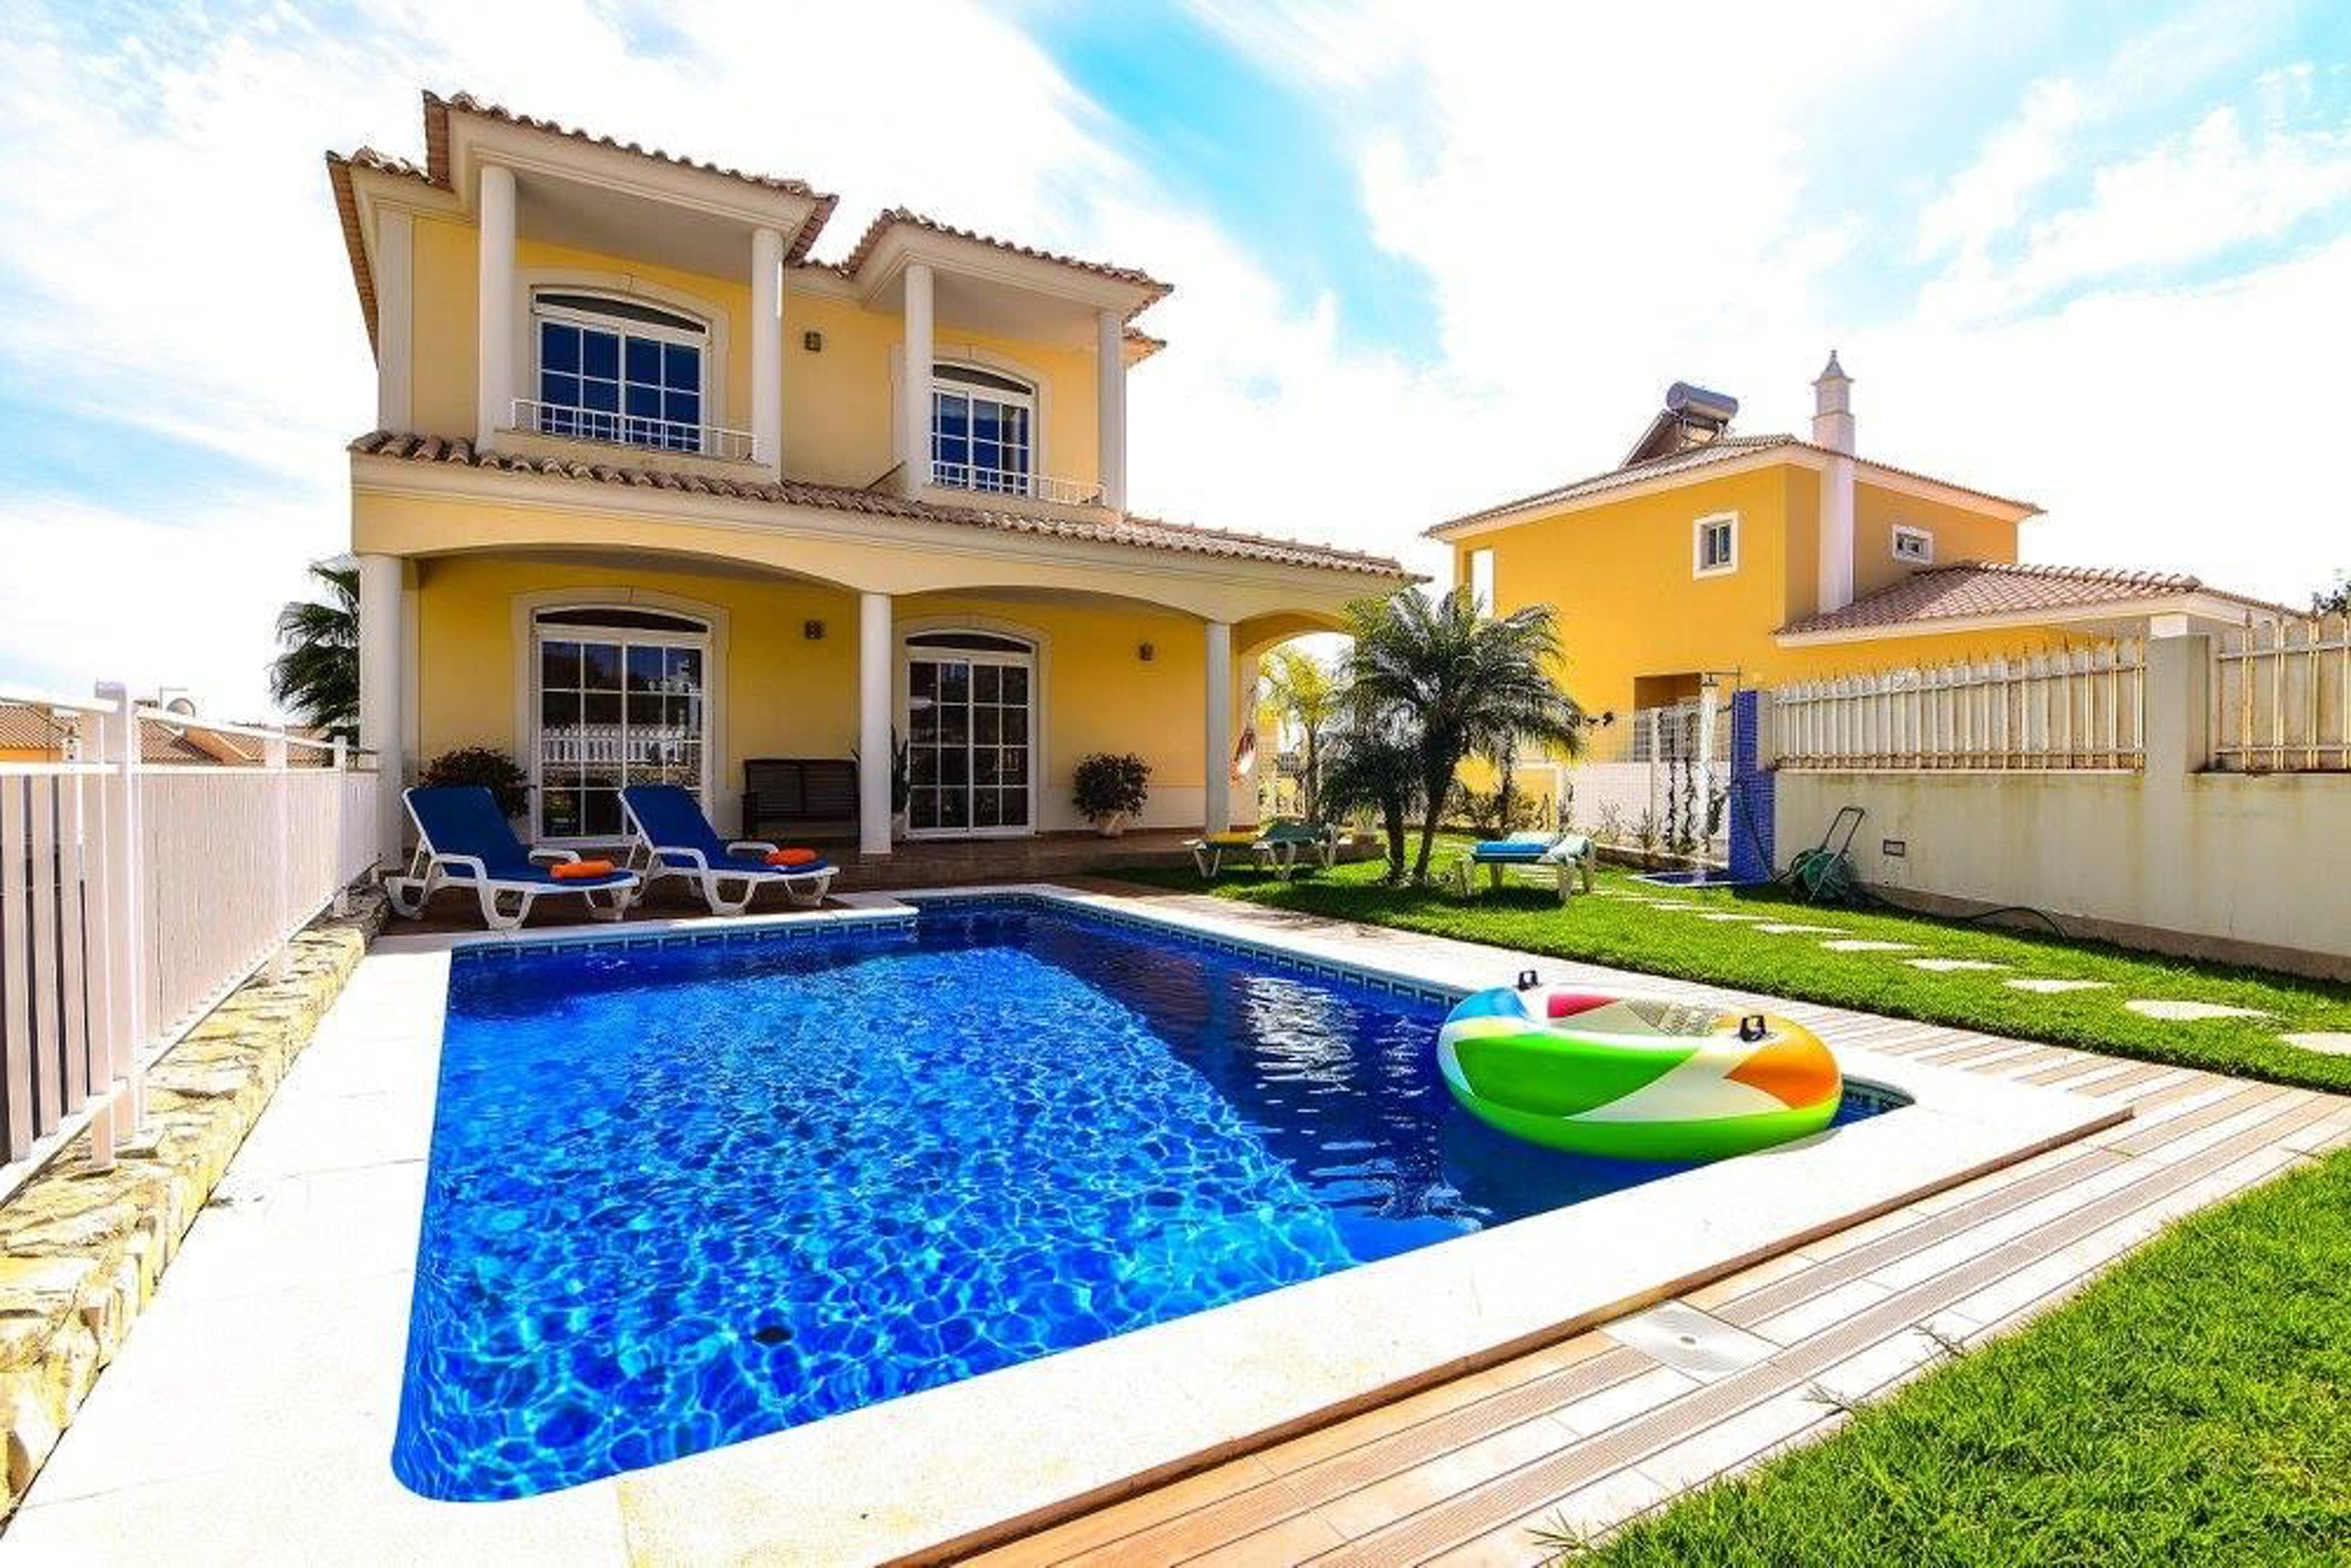 Villa de 3 habitaciones en Armação de Pêra, con magnificas vistas al mar, piscina privada, jardín amueblado